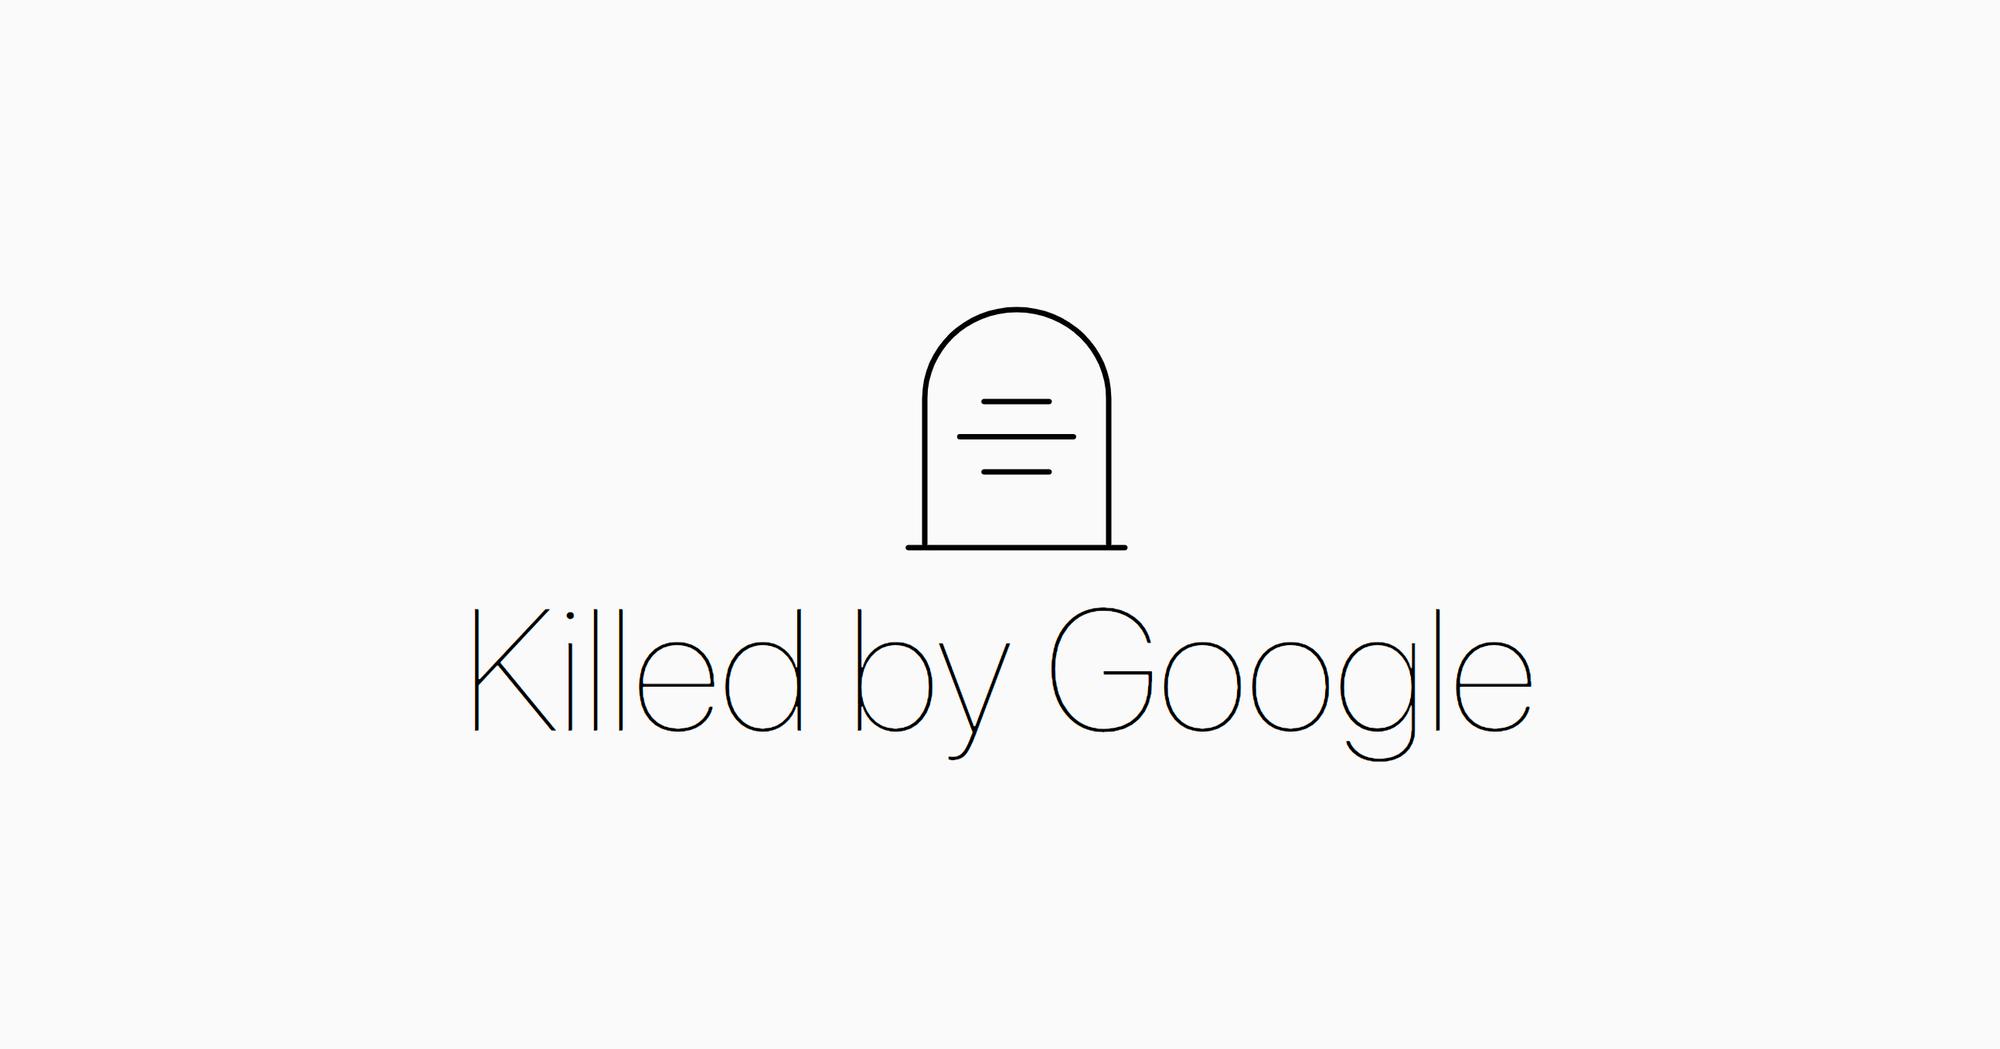 Google ukončuje ďalšiu službu, aj keď je úspešná